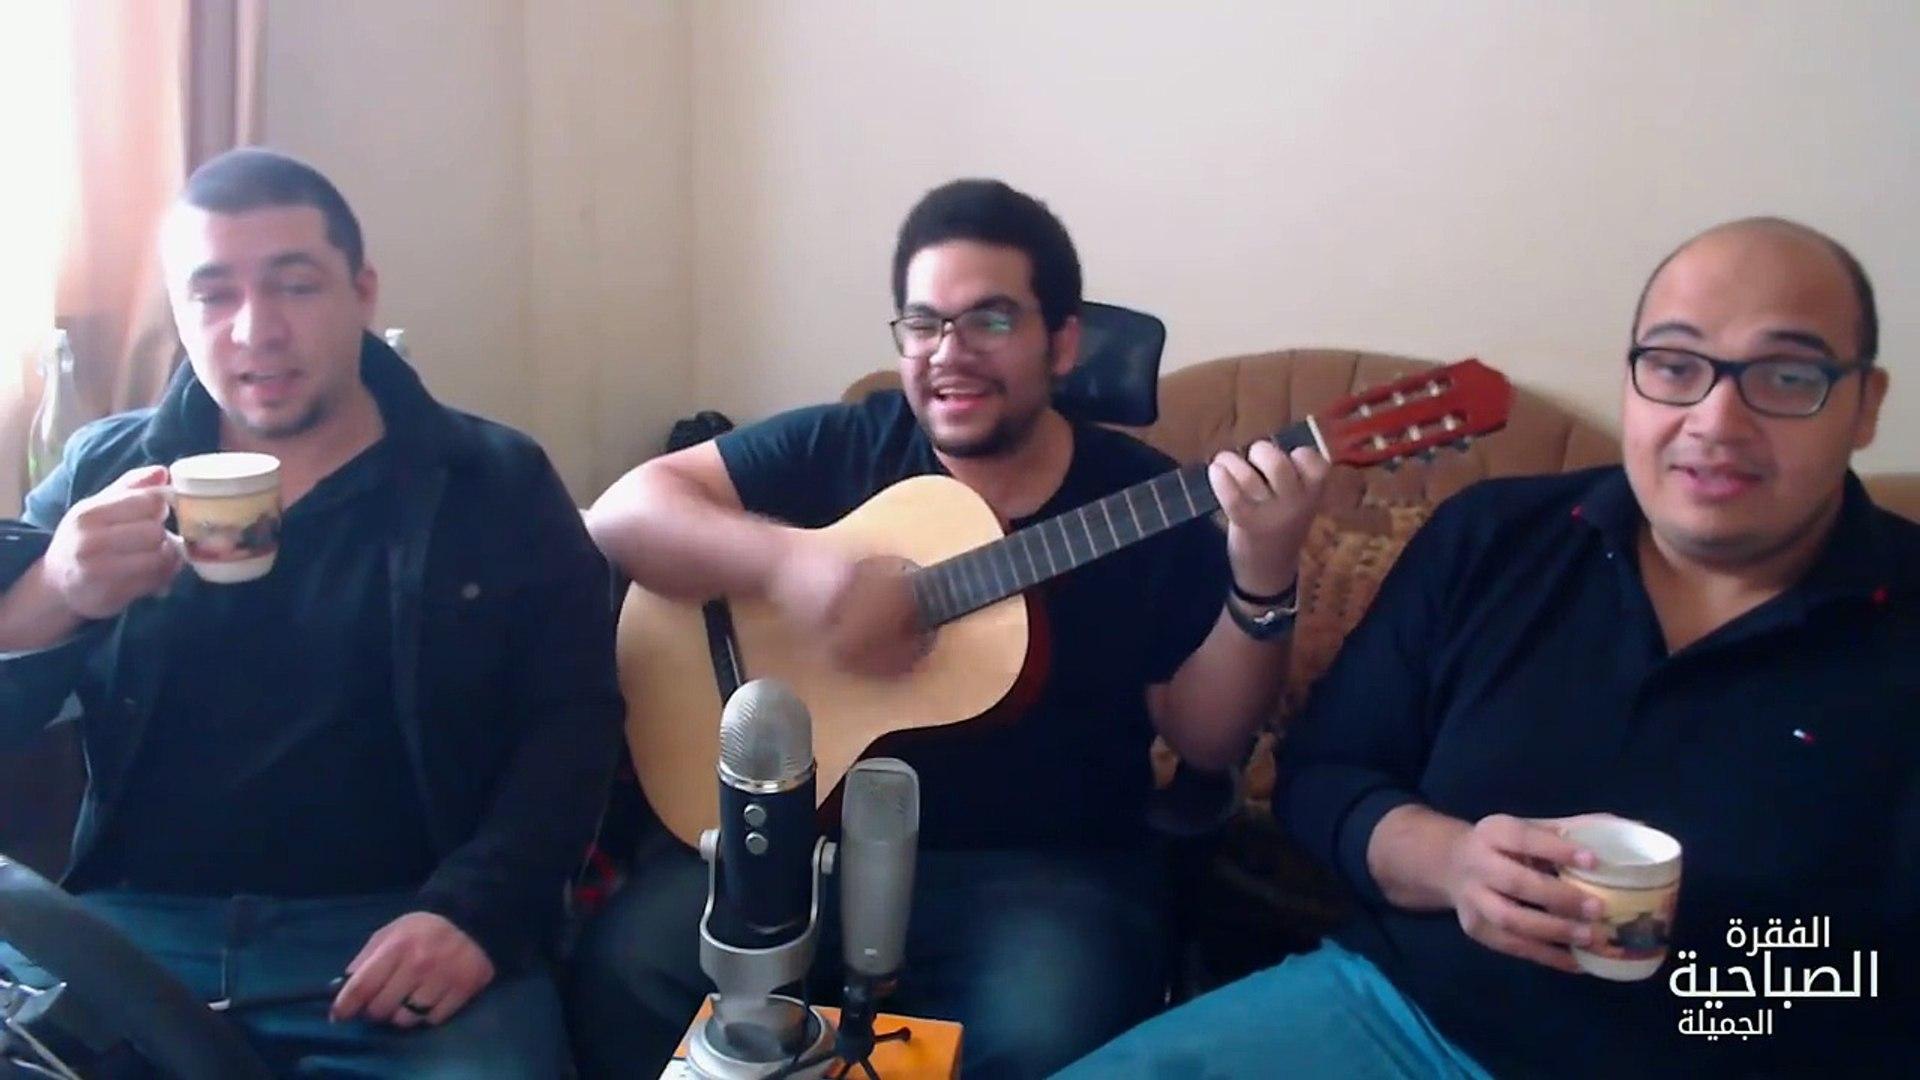 الفقرة الصباحية والمسخرة مع هشام عفيفي Video Dailymotion